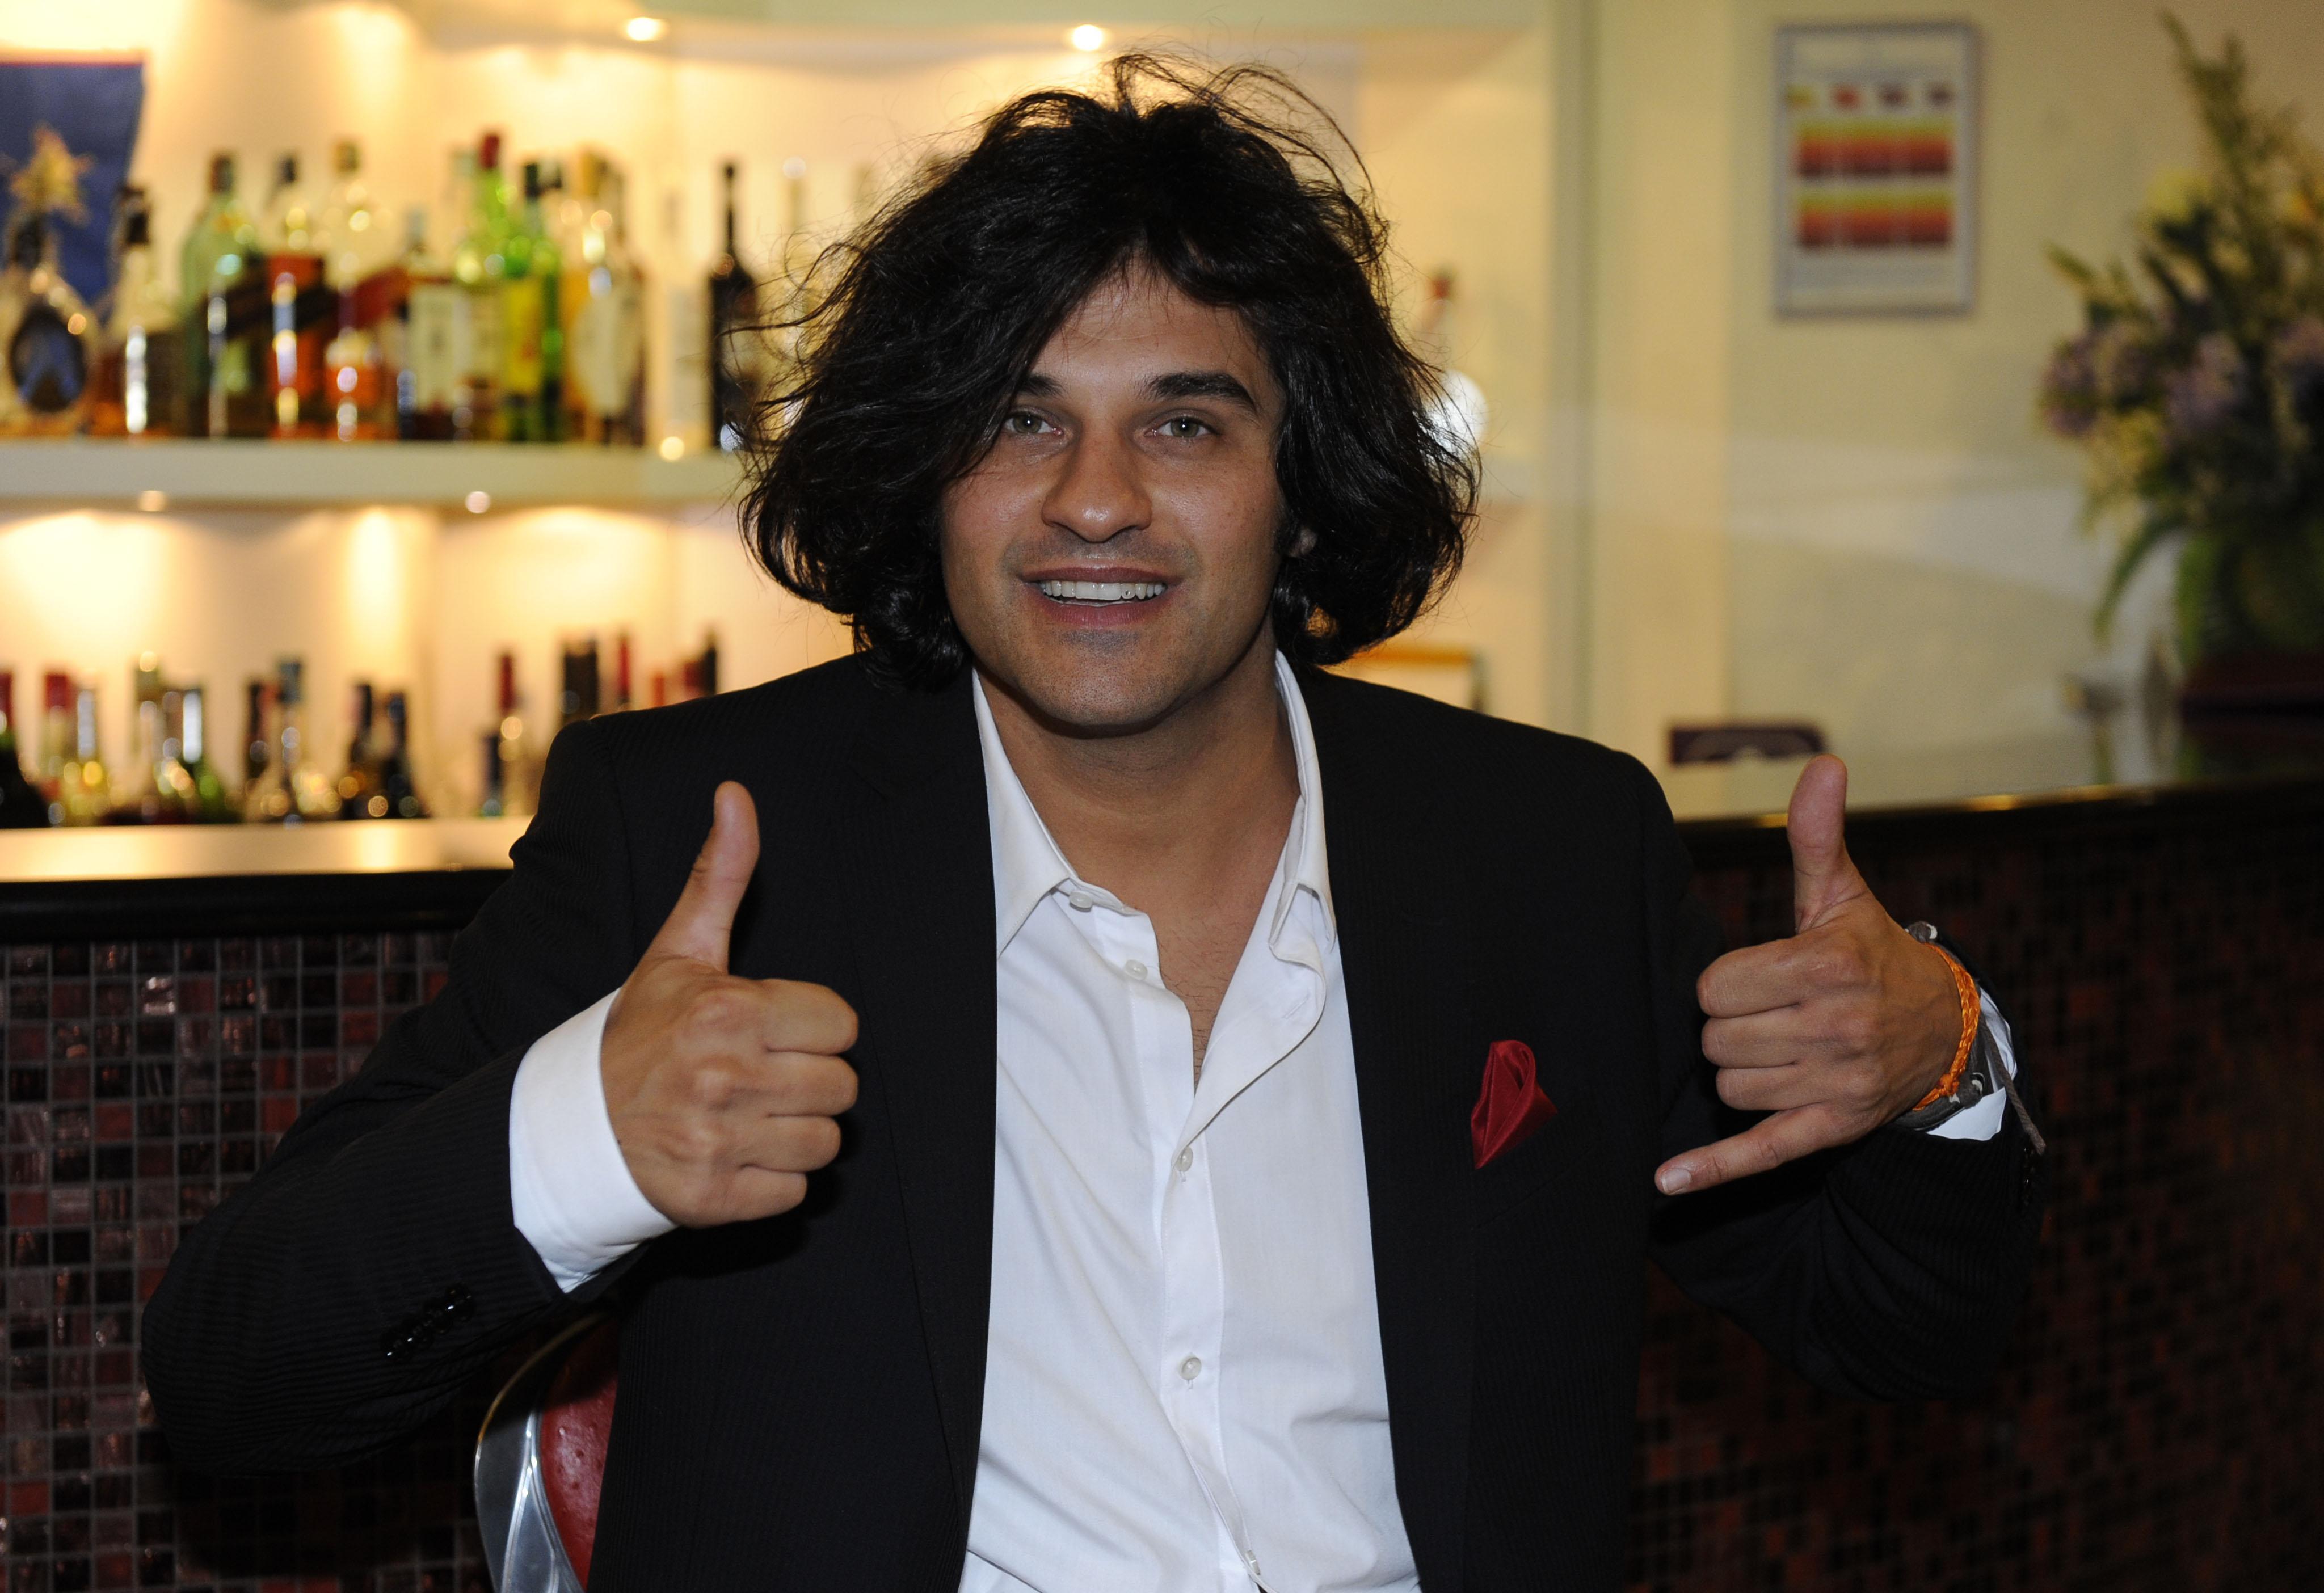 Televisione: Mauro Marin vince il Gf10